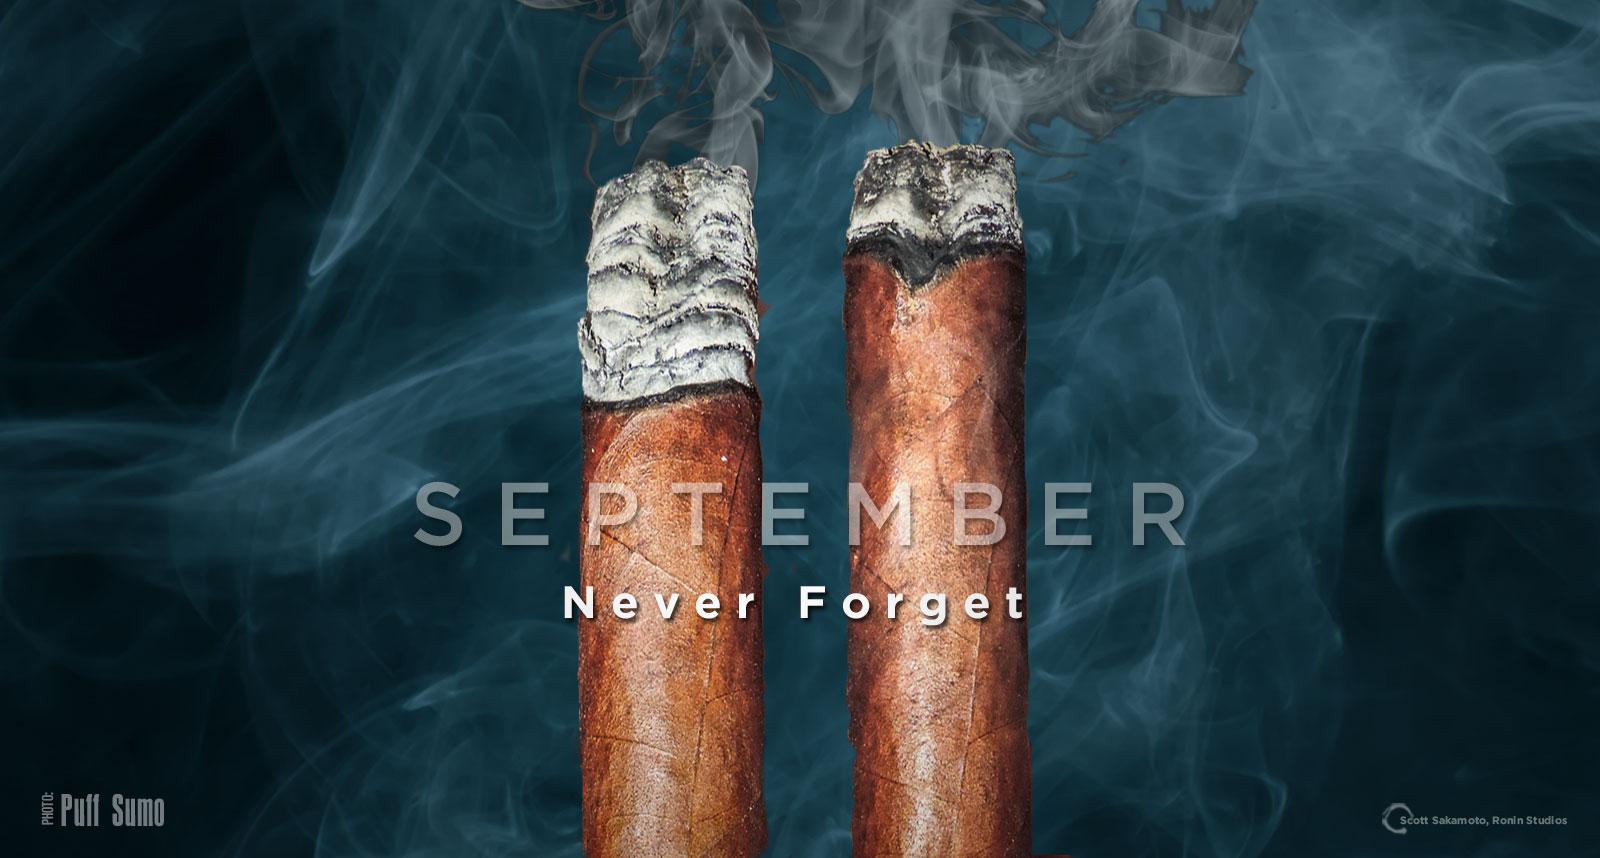 911, Never Forget, September 11 2001,